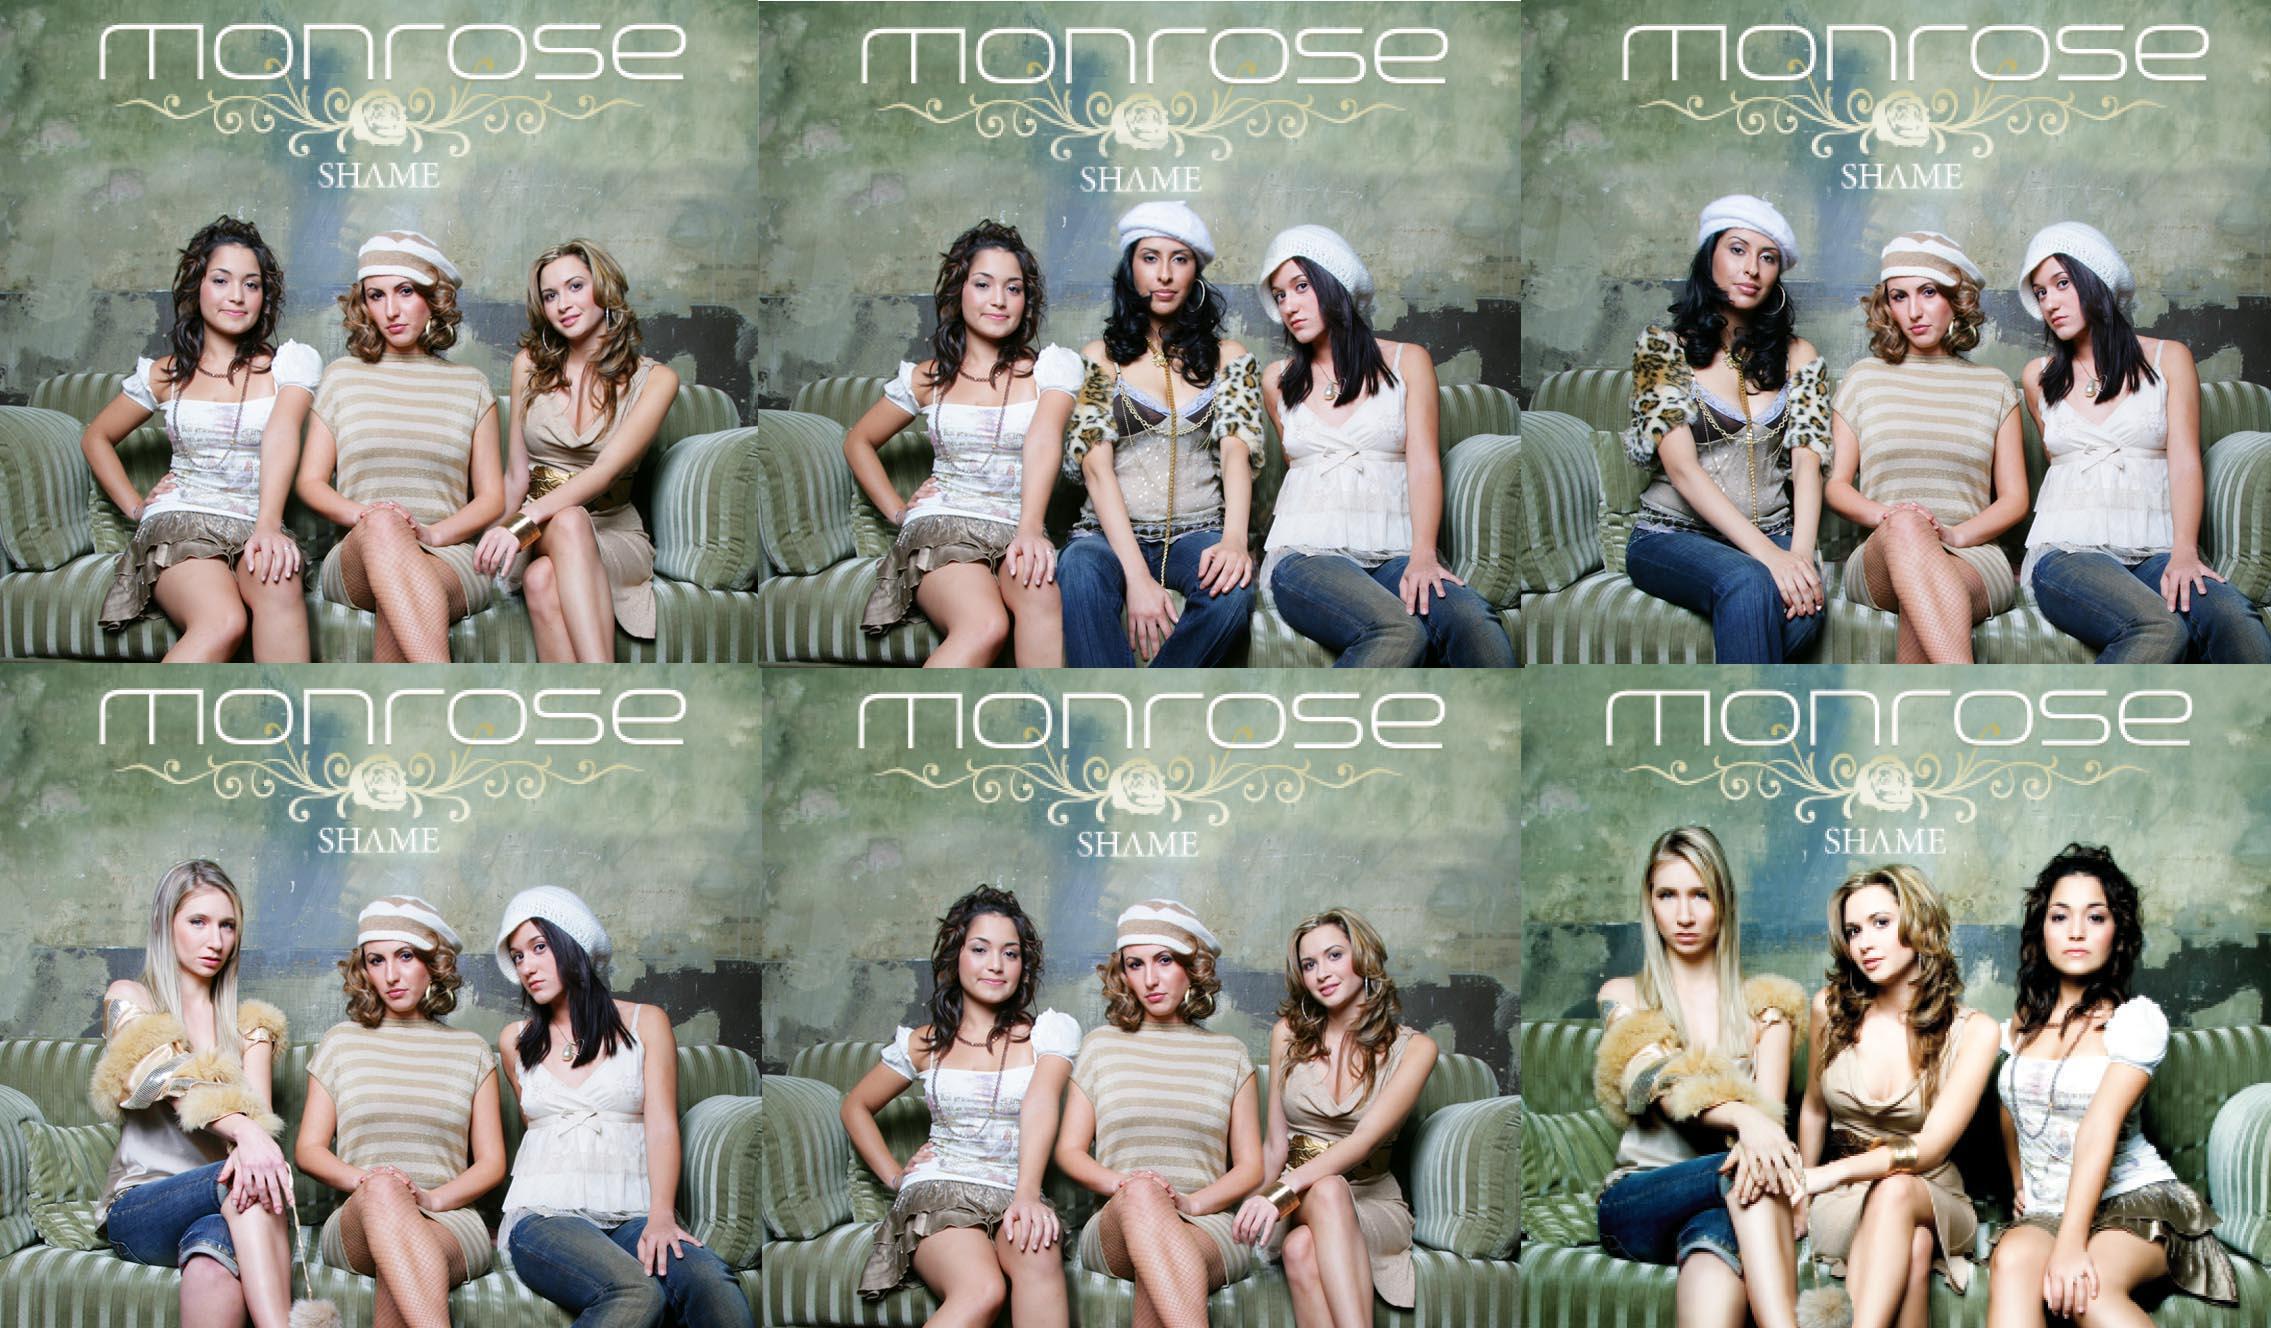 shame monrose